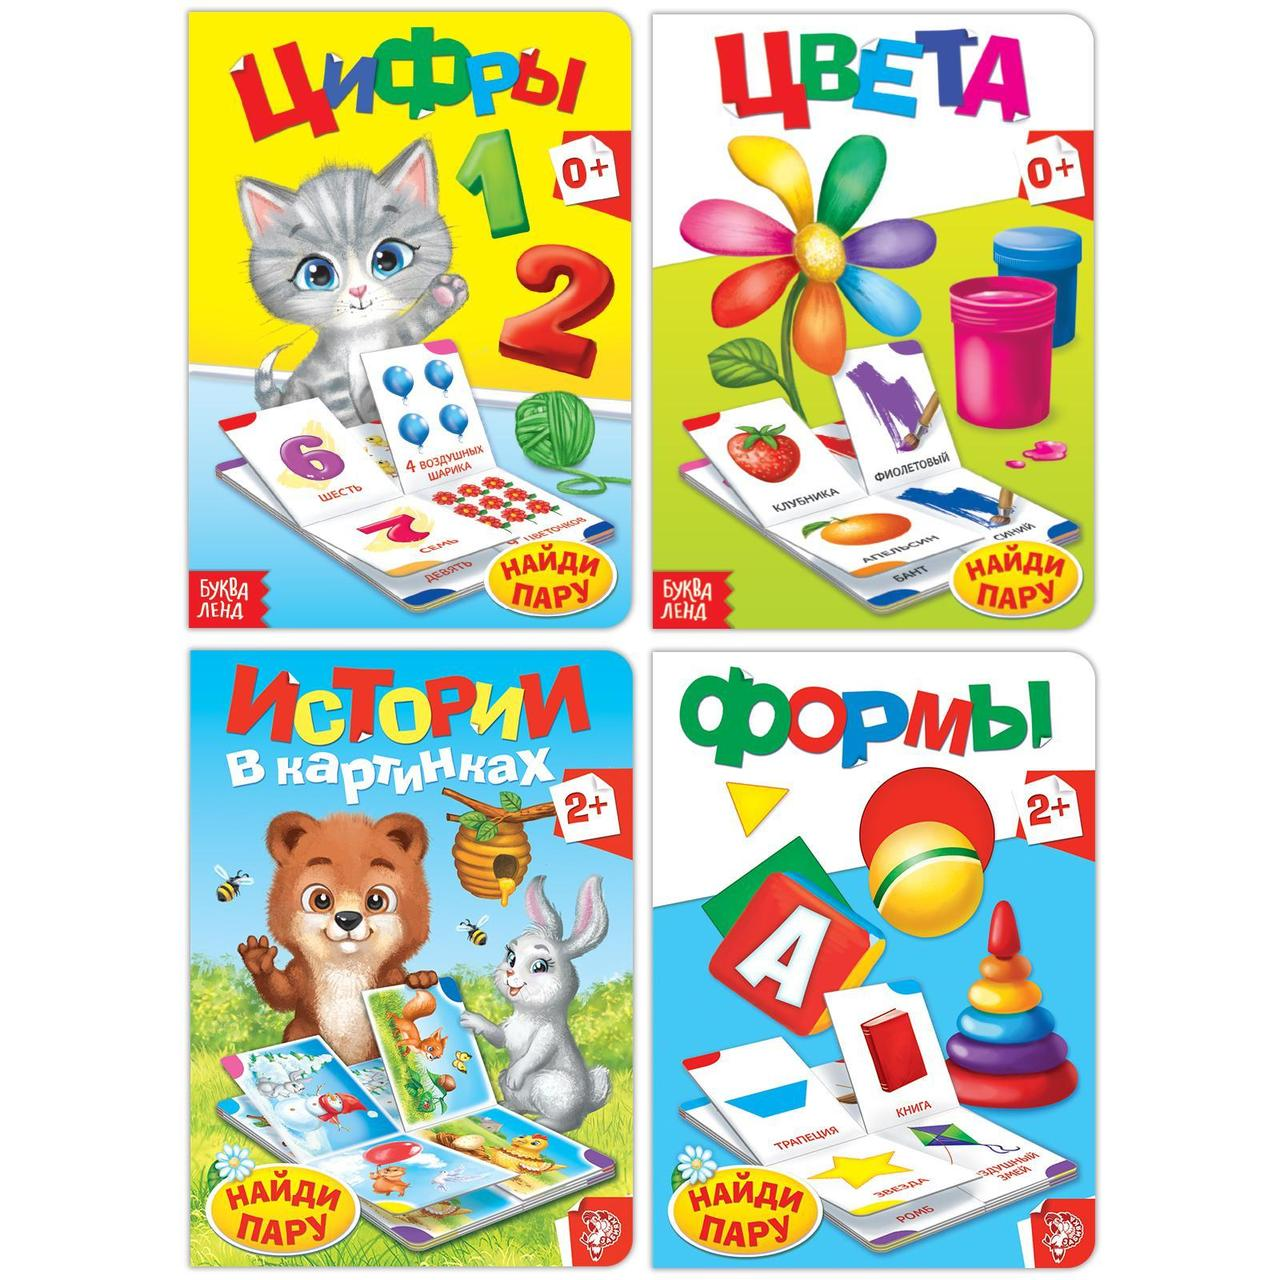 Книги-лото картонные, набор из 4 шт. №2, по 10 стр.